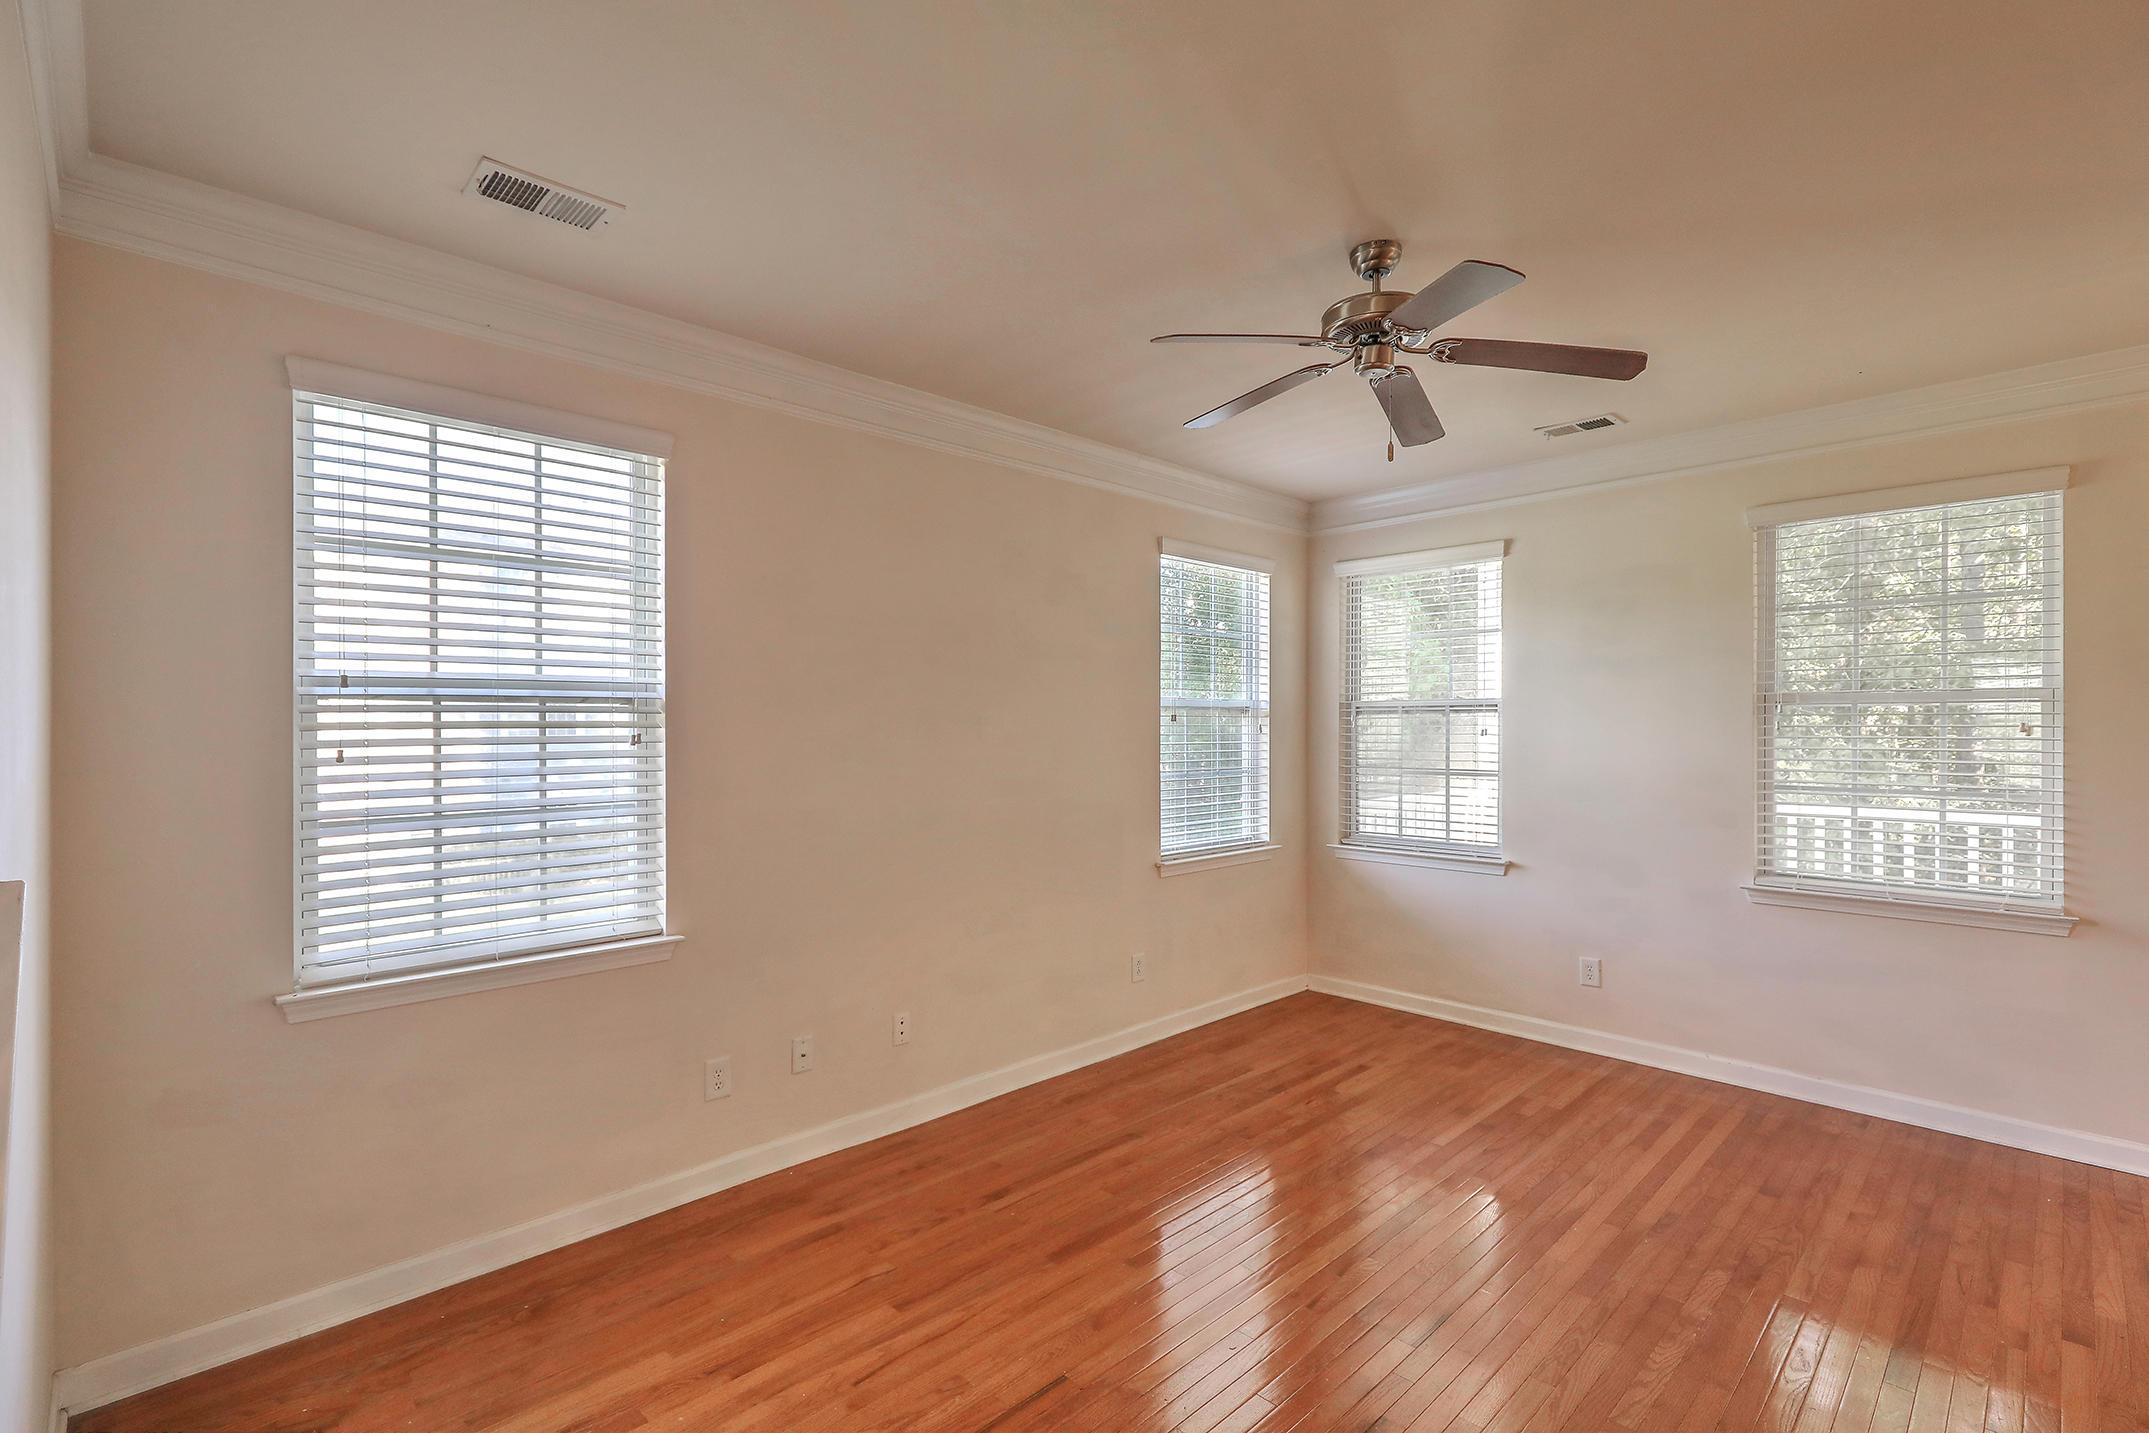 Park West Homes For Sale - 3471 Claremont, Mount Pleasant, SC - 10